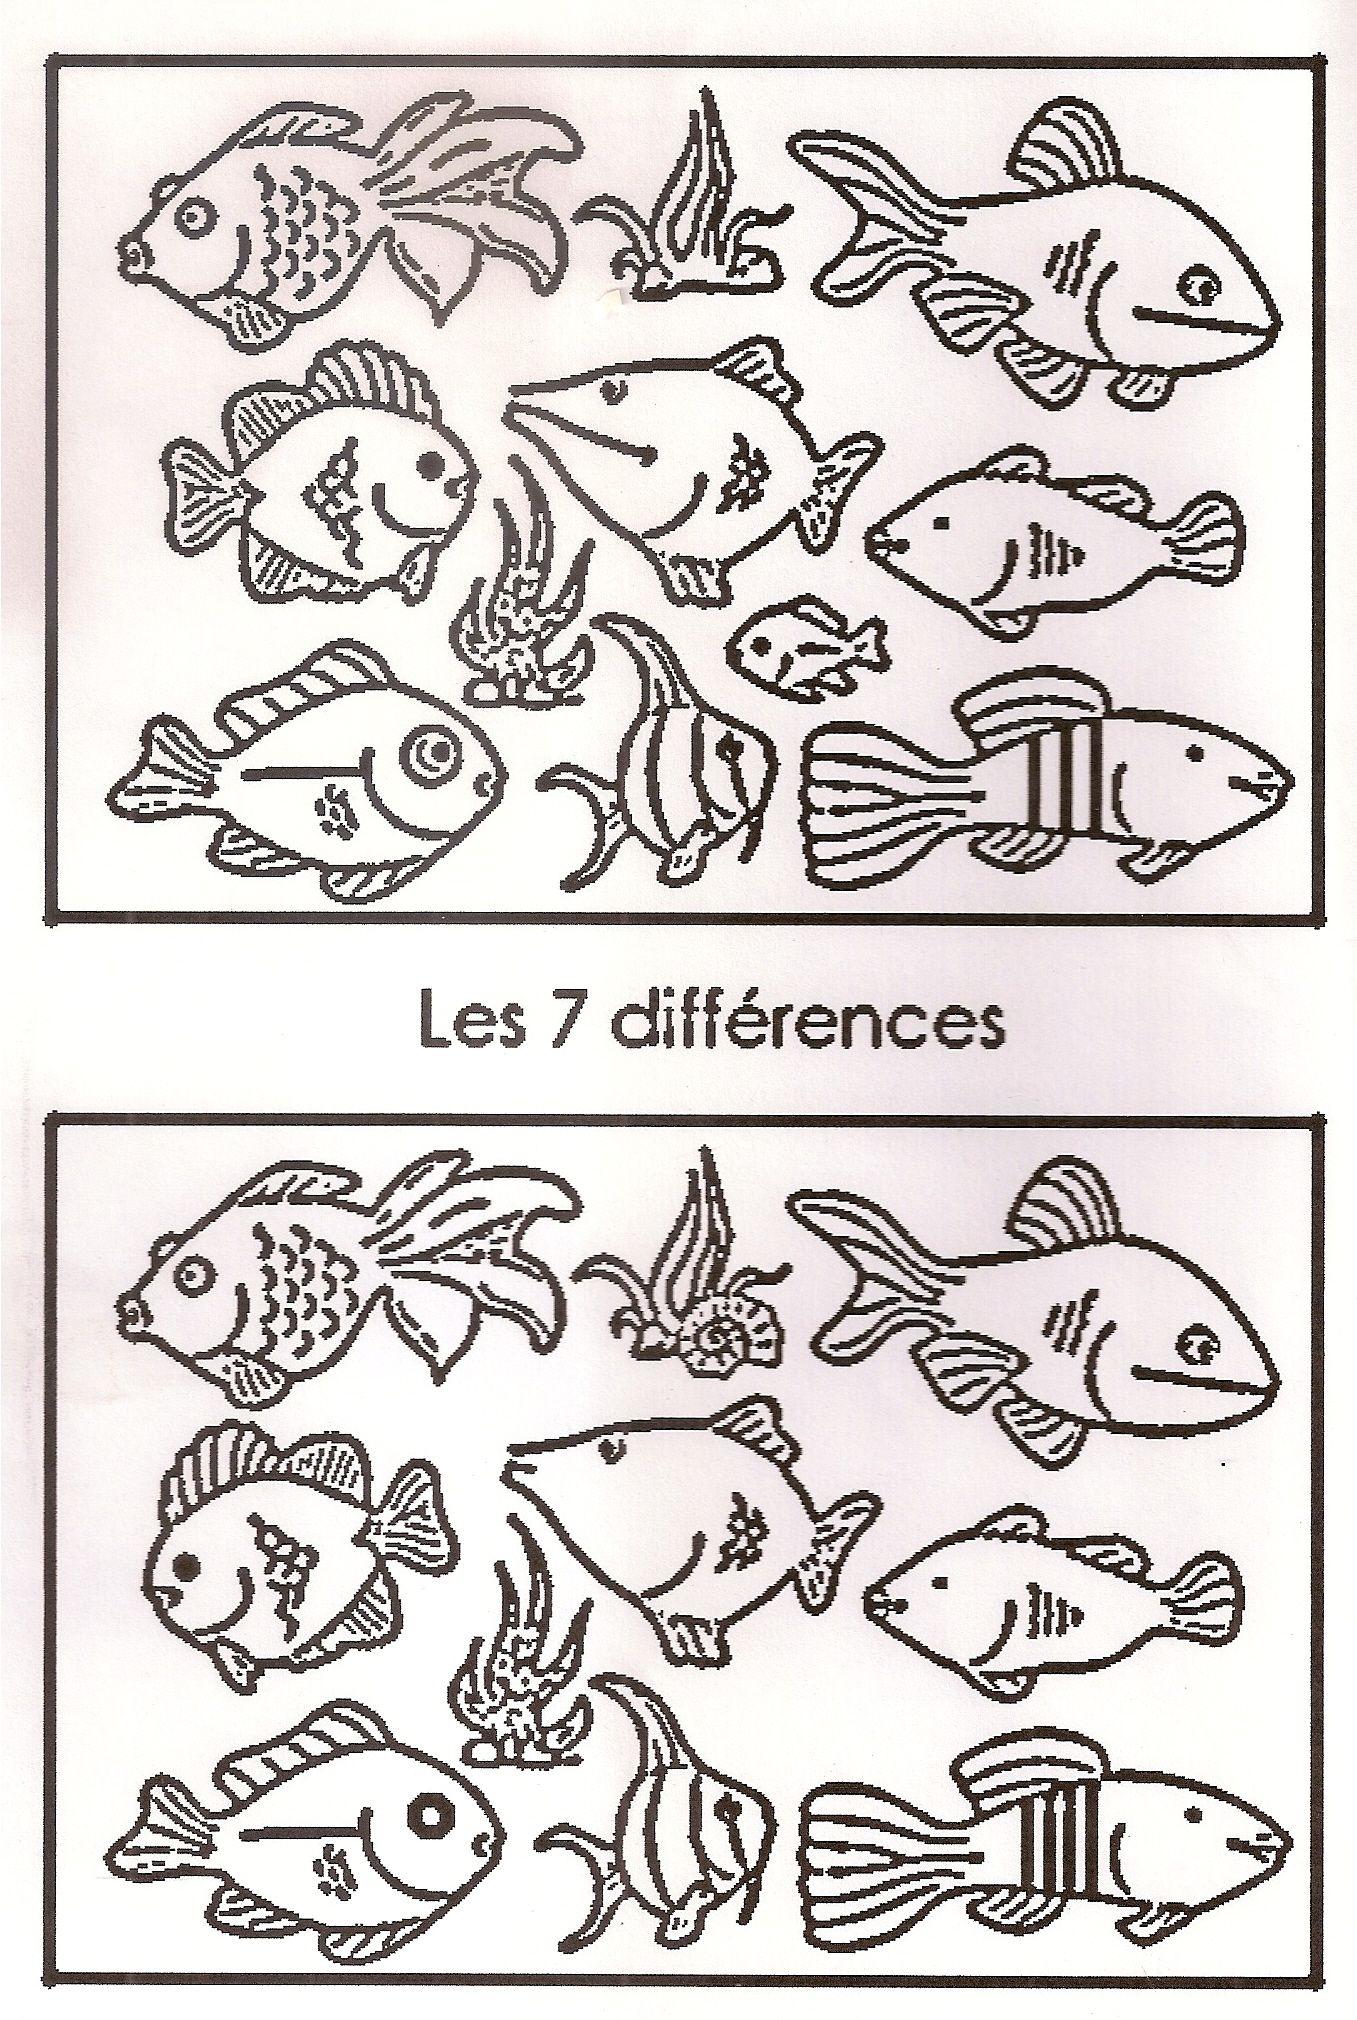 Jeu Des 7 Différences | Jeux Des 7 Erreurs, Jeux Des Erreurs concernant Jeux Les 7 Erreurs